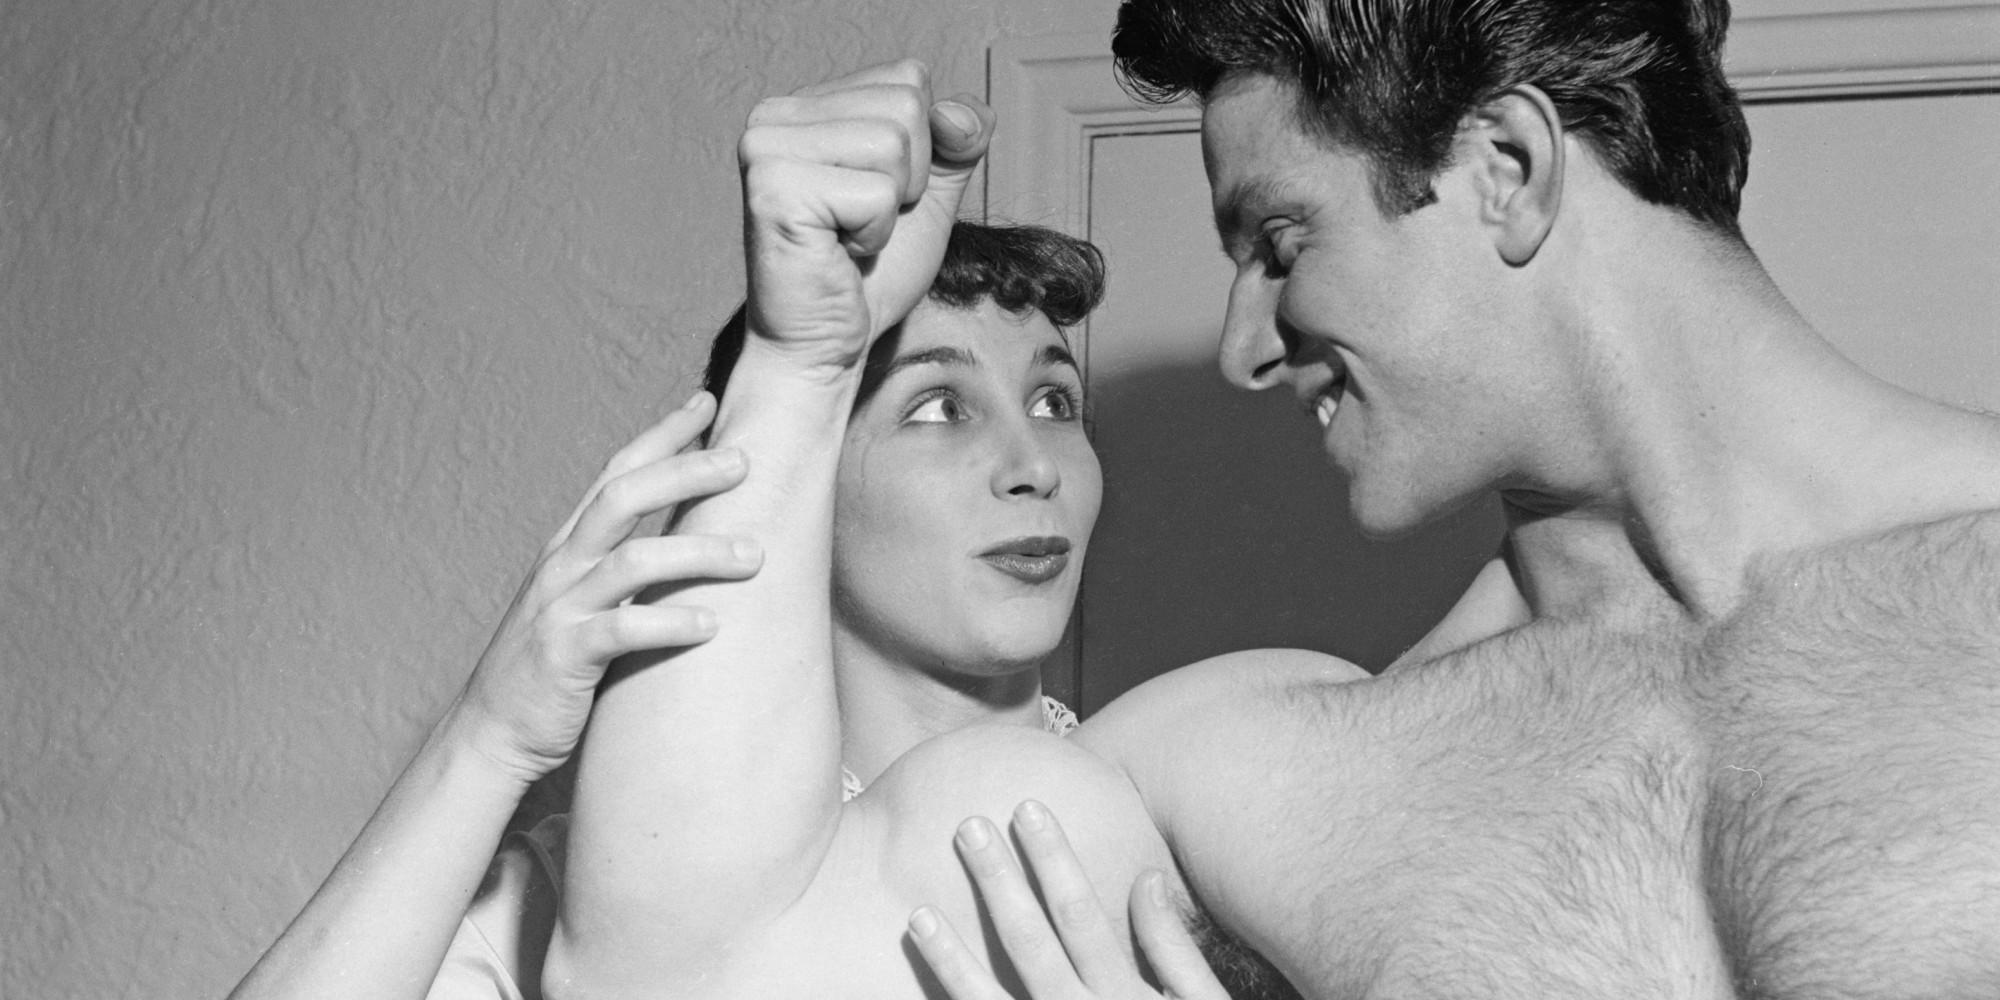 Transgender breast enhancment